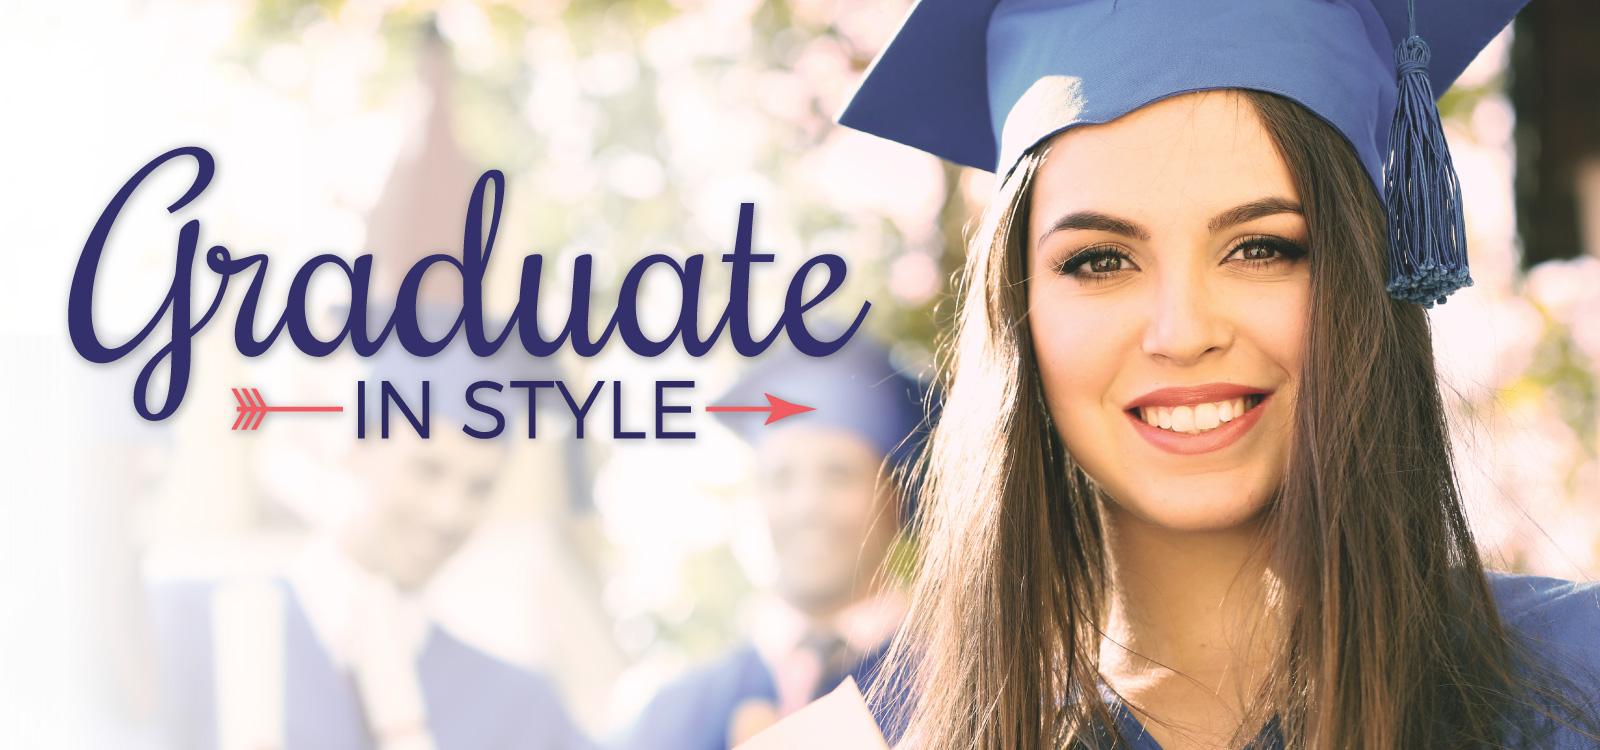 GraduateInStyle_WebsiteSlide_1600x750_GradGown_0316